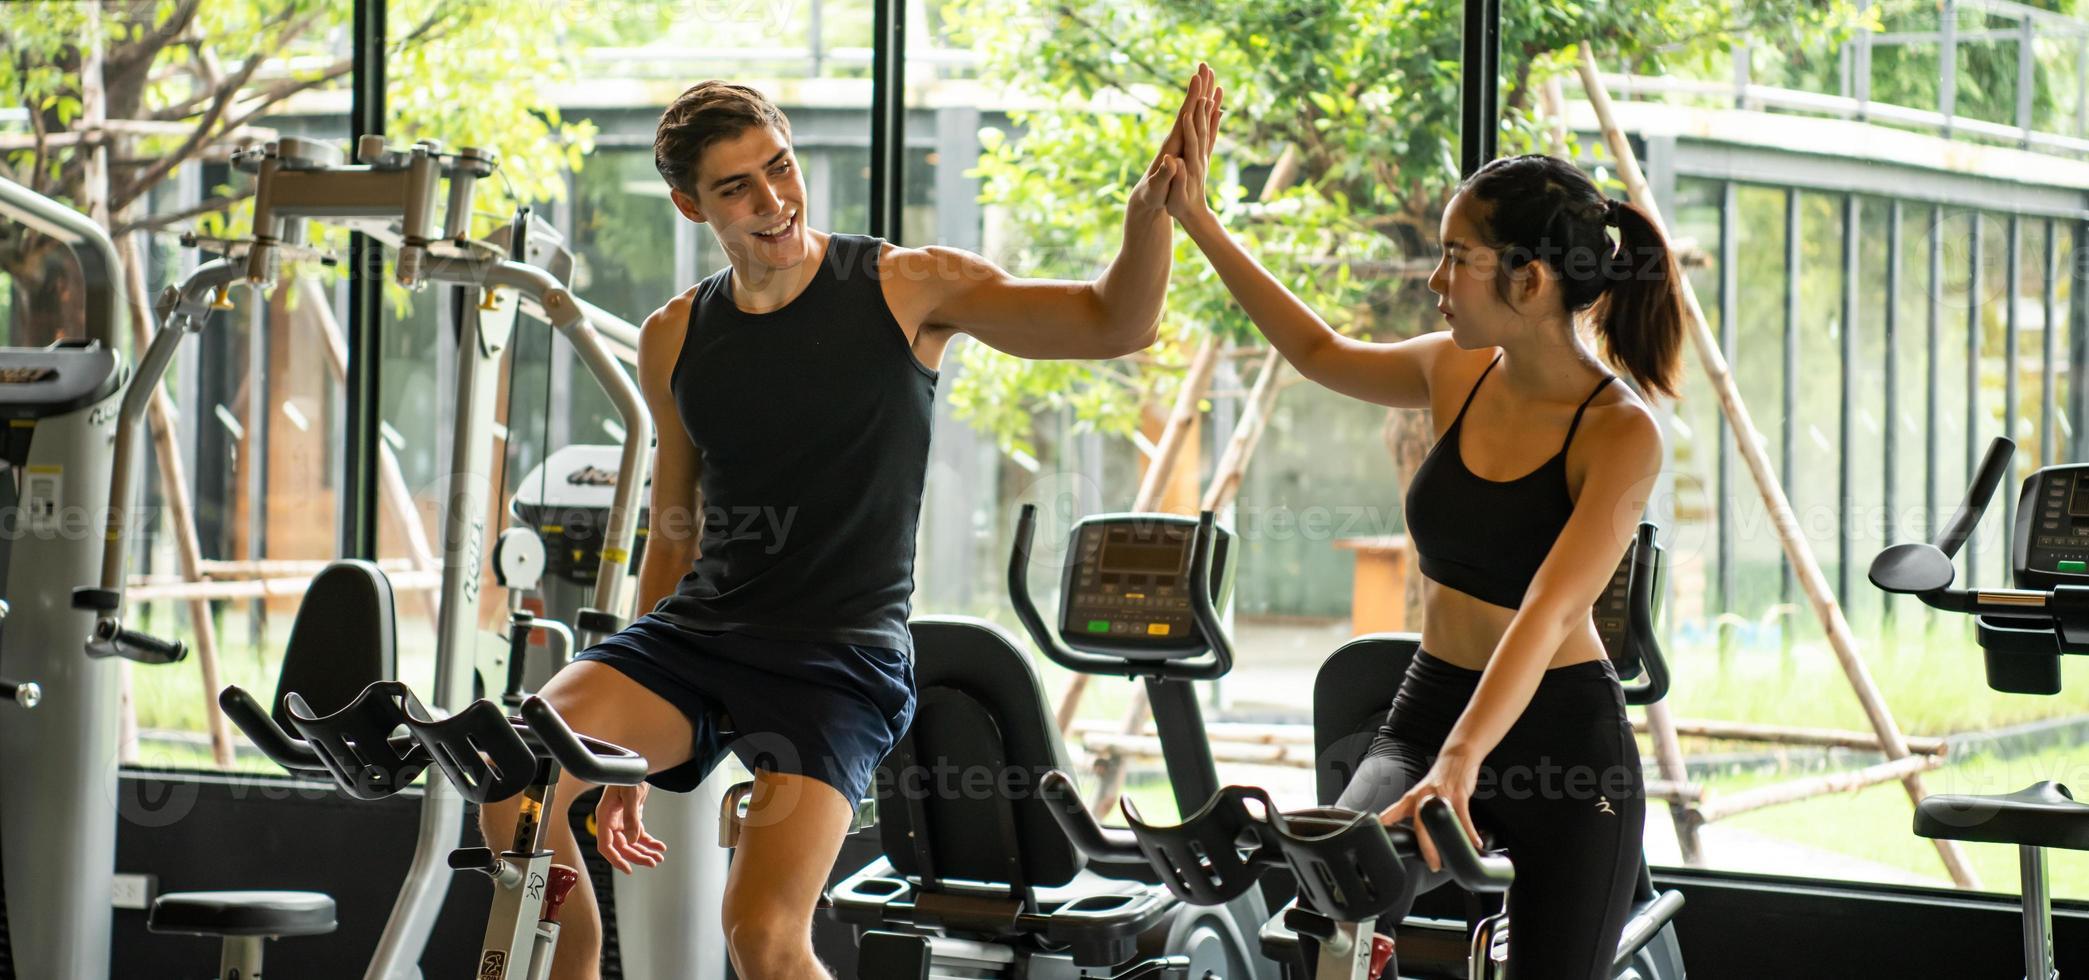 casais jovens se exercitam na academia para fortalecer o corpo foto